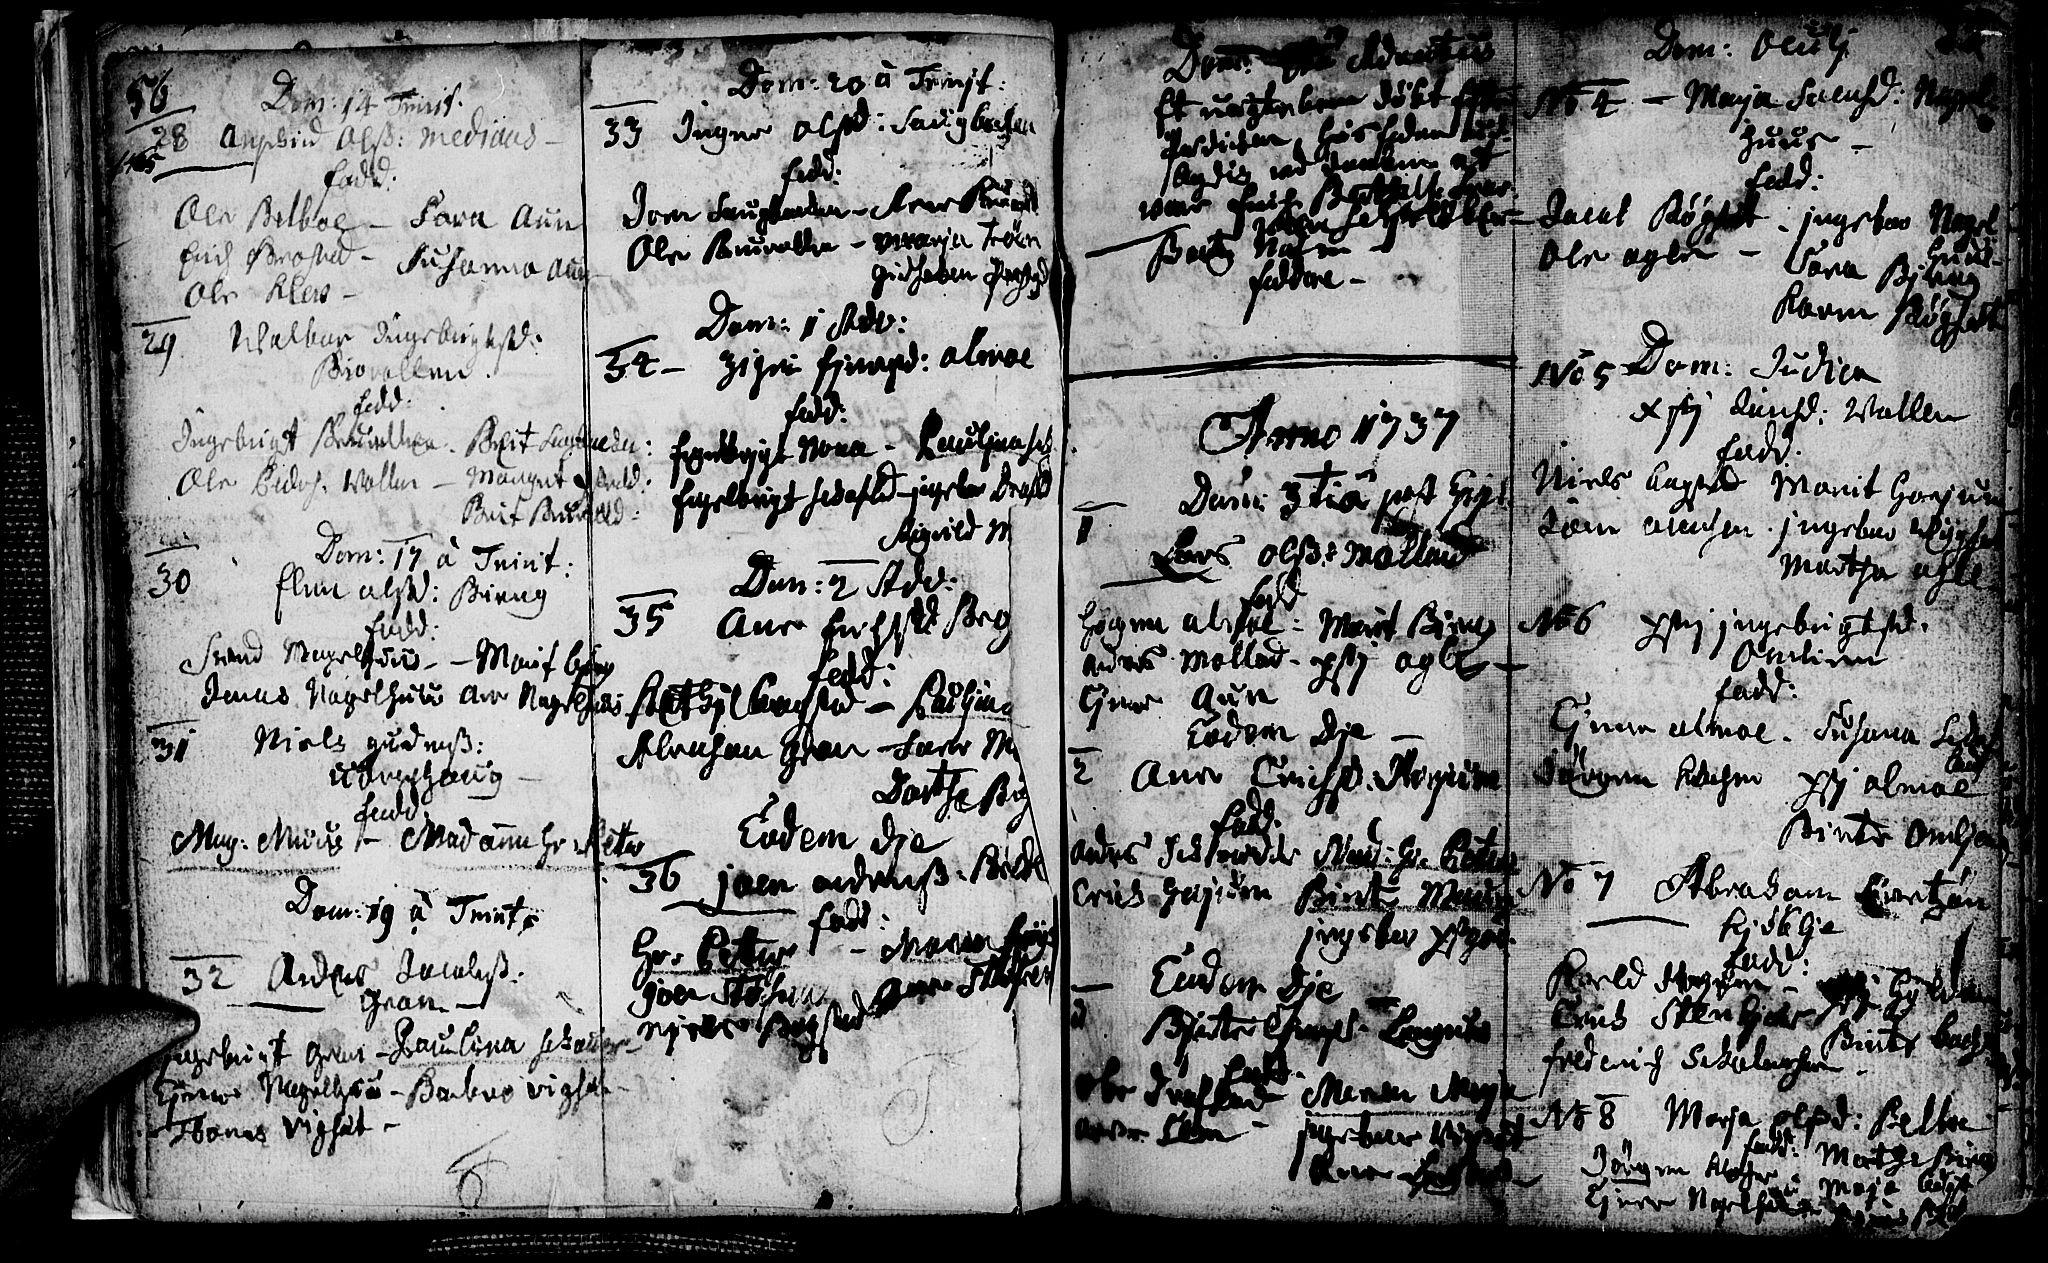 SAT, Ministerialprotokoller, klokkerbøker og fødselsregistre - Nord-Trøndelag, 749/L0467: Ministerialbok nr. 749A01, 1733-1787, s. 56-57